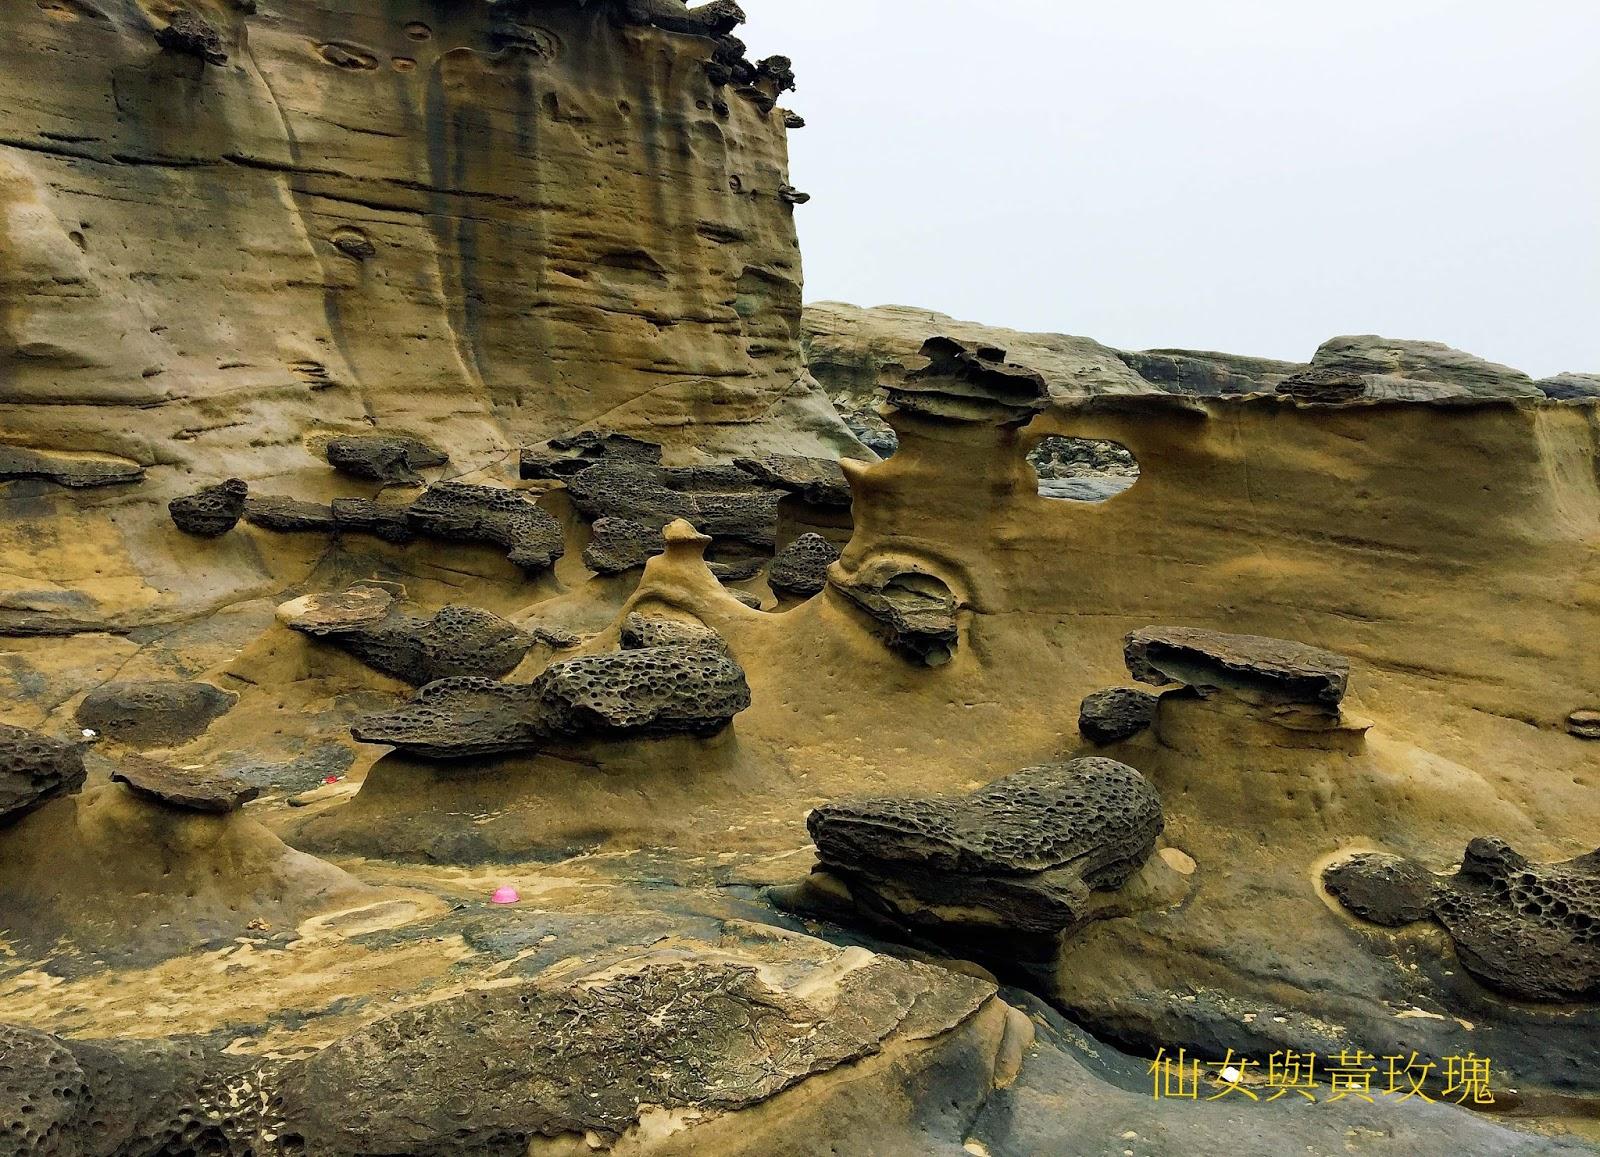 仙女與黃玫瑰: 臺灣.番仔澳的酋長巖&岬角象鼻洞